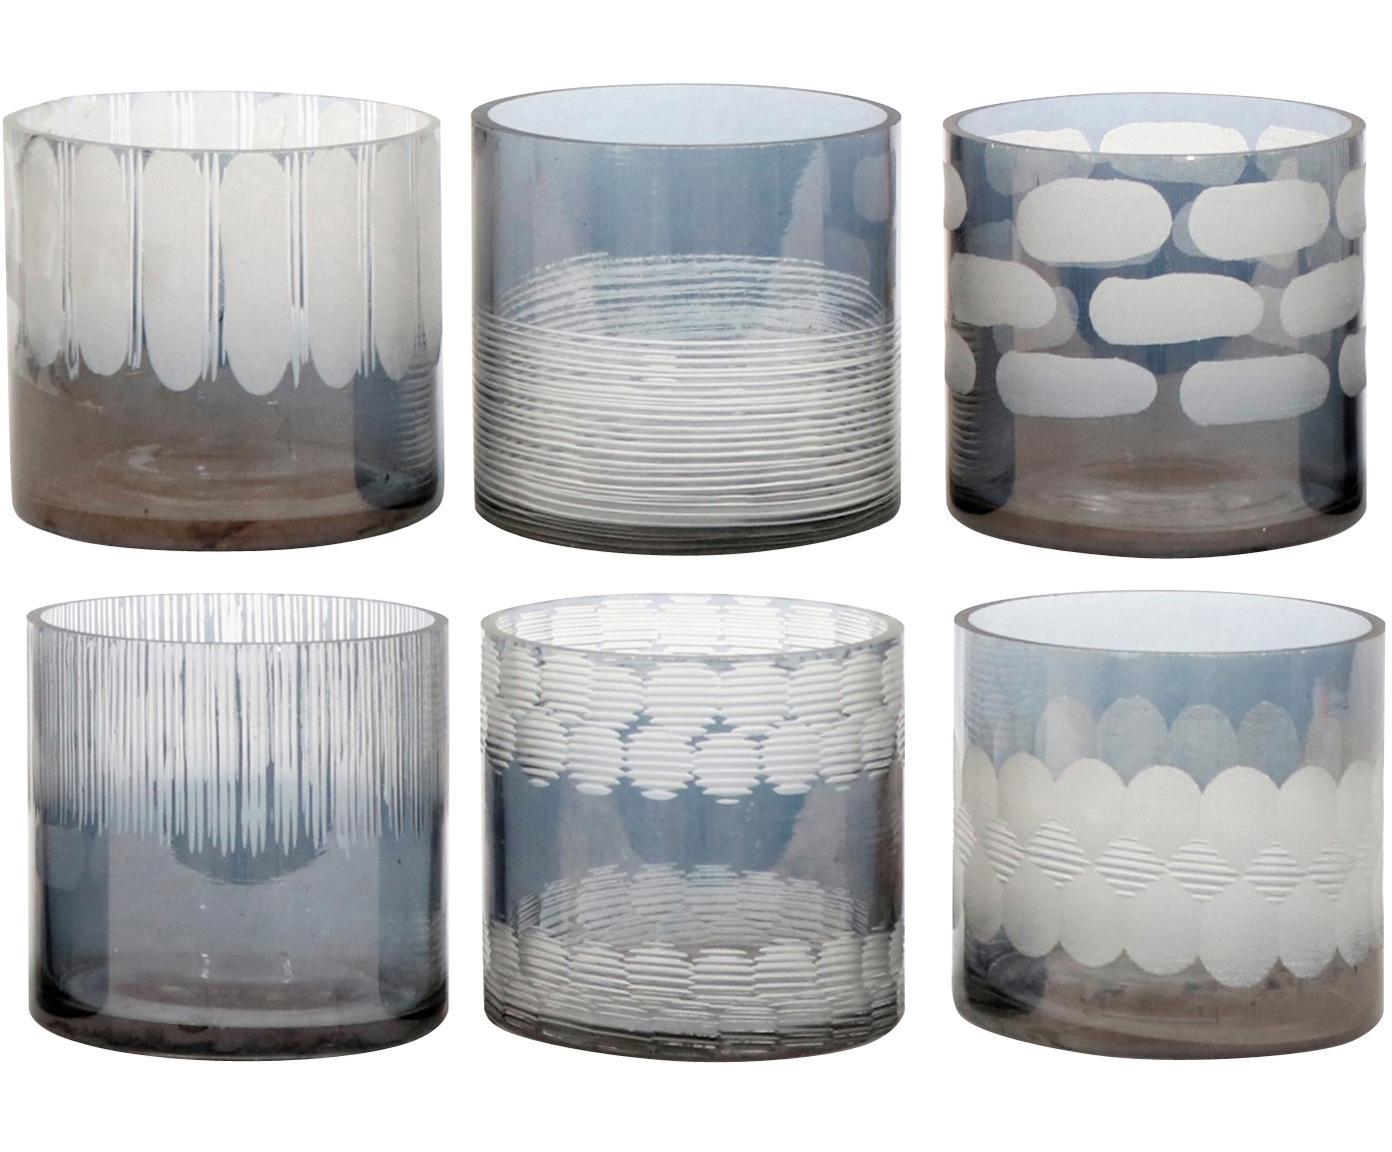 Windlichter-Set Cosmopol, 6-tlg., Glas, Blau, Grau, Ø 8 x H 8 cm